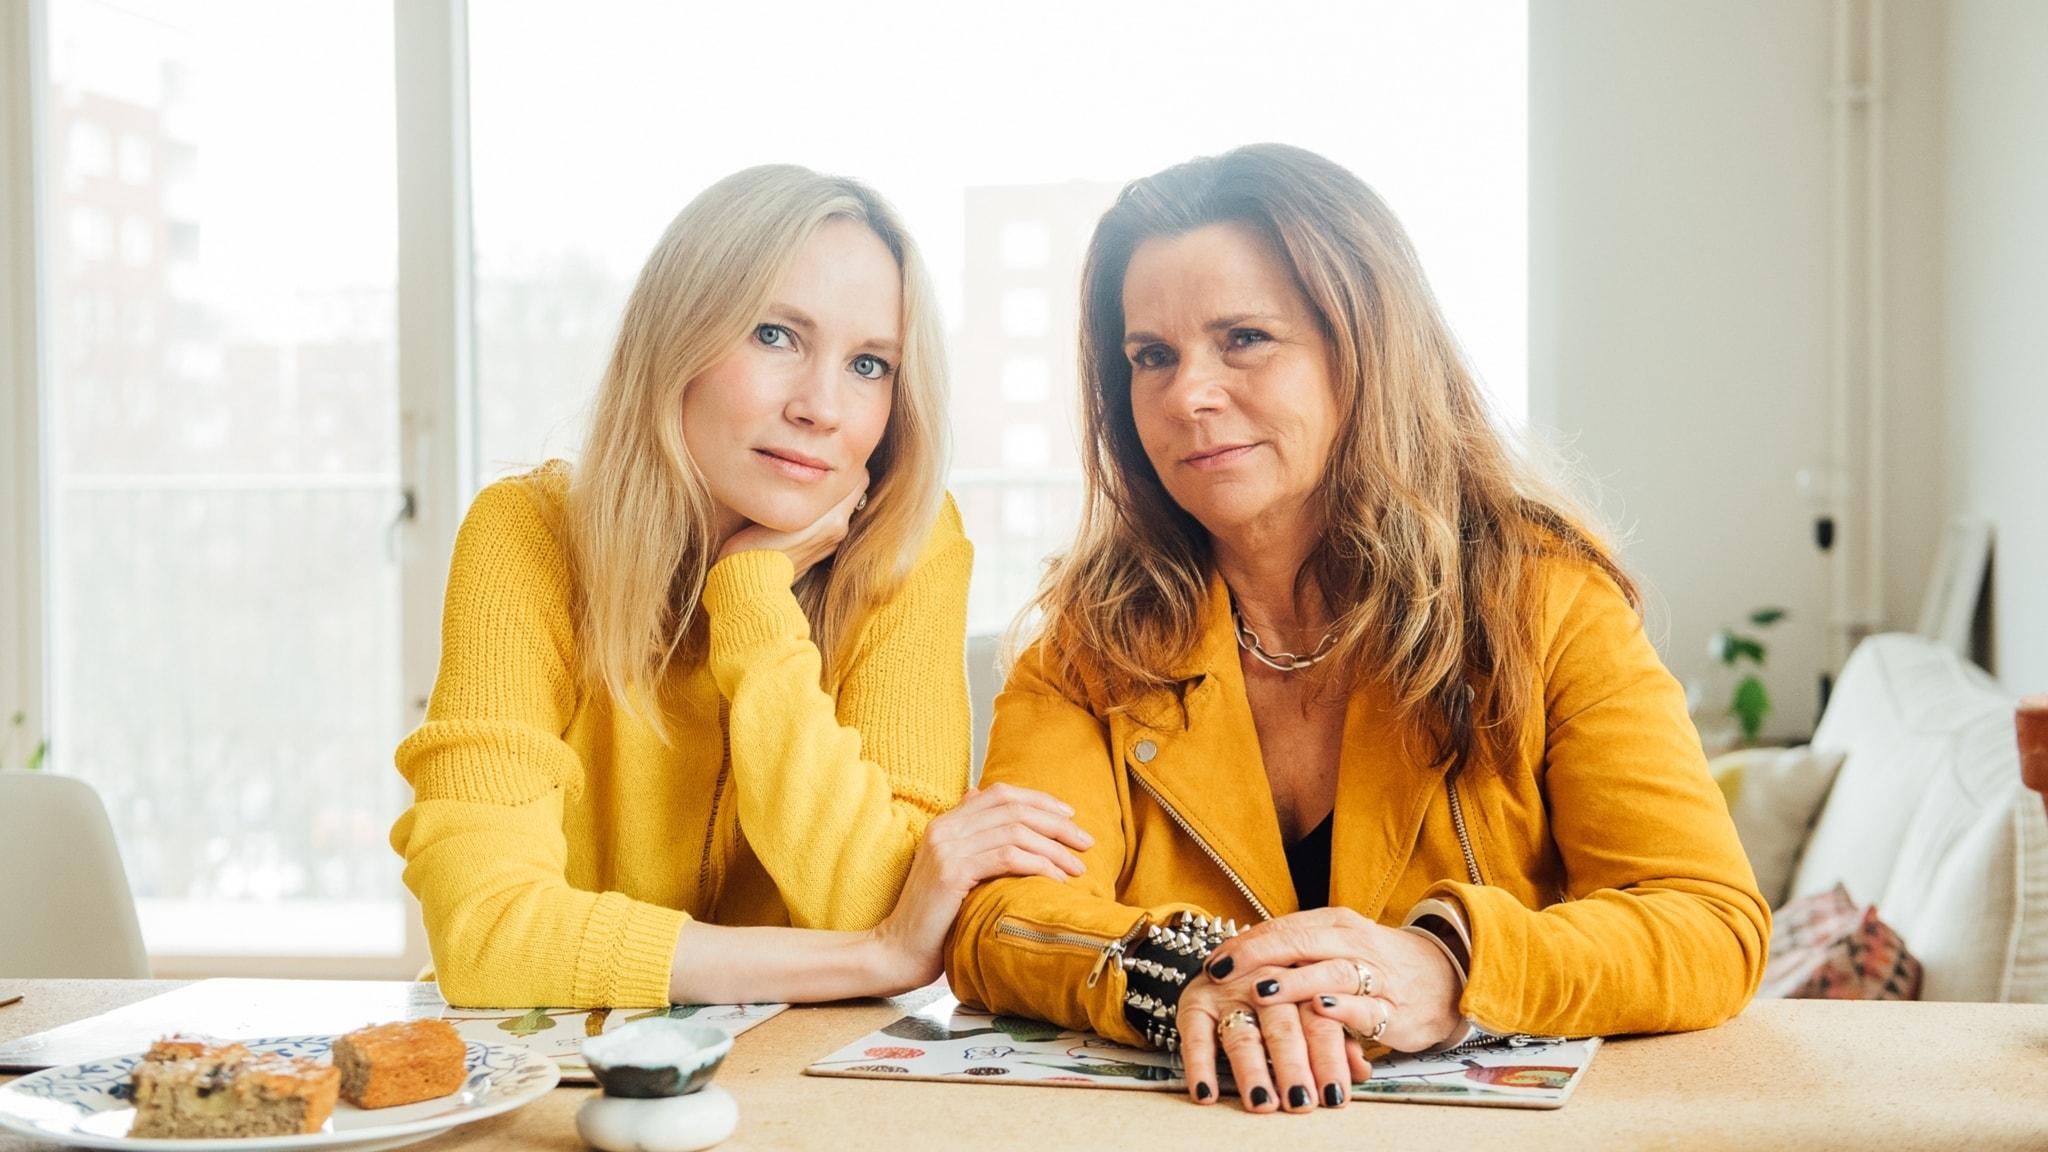 Katarina Hahr möter regissören och skådespelaren Moa Gammel i ett samtal om tillit